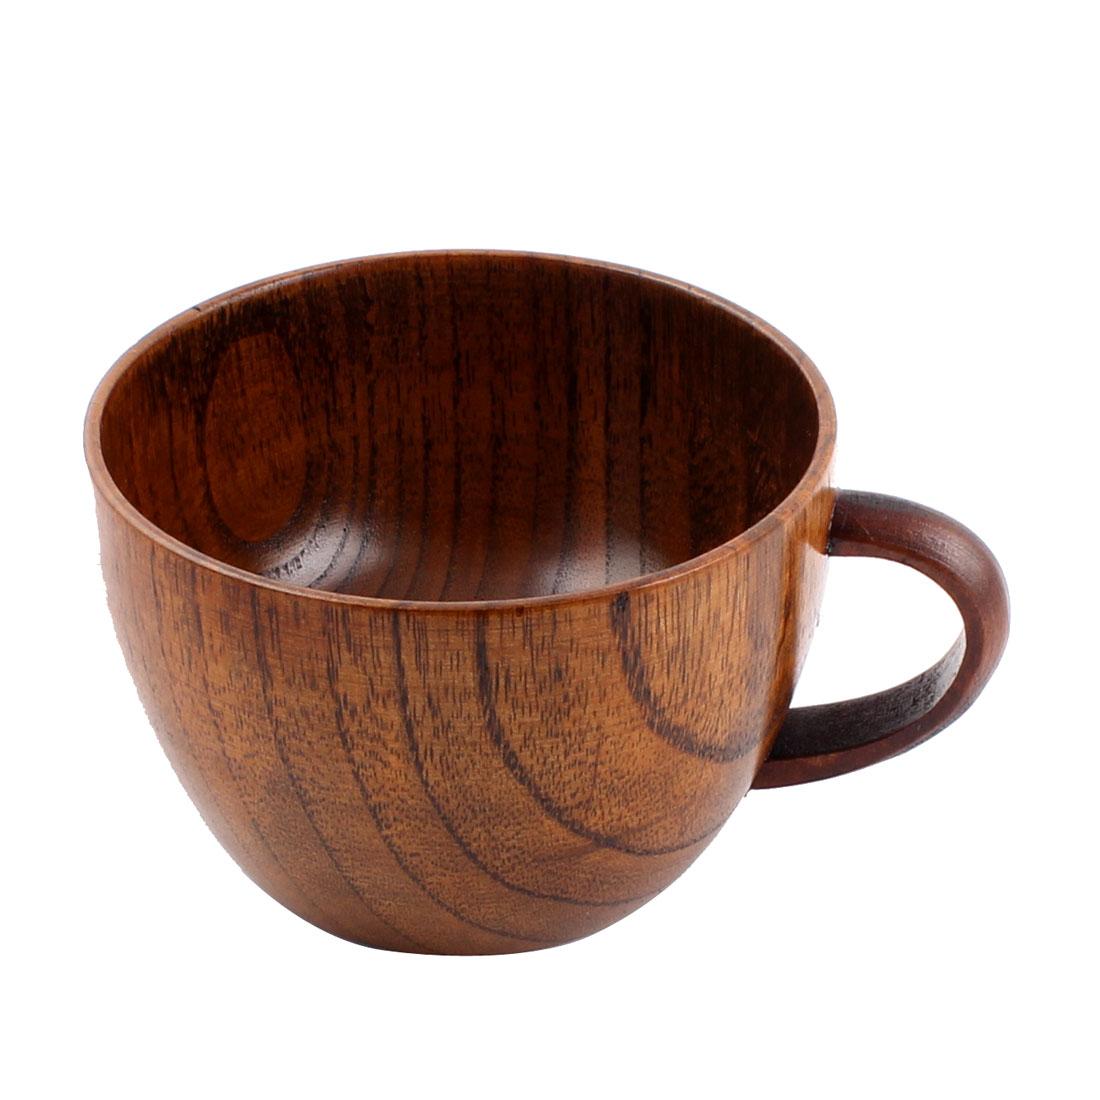 95mm Diameter Wooden Handle Home Water Tea Milk Coffee Drinking Mug Cup Brown